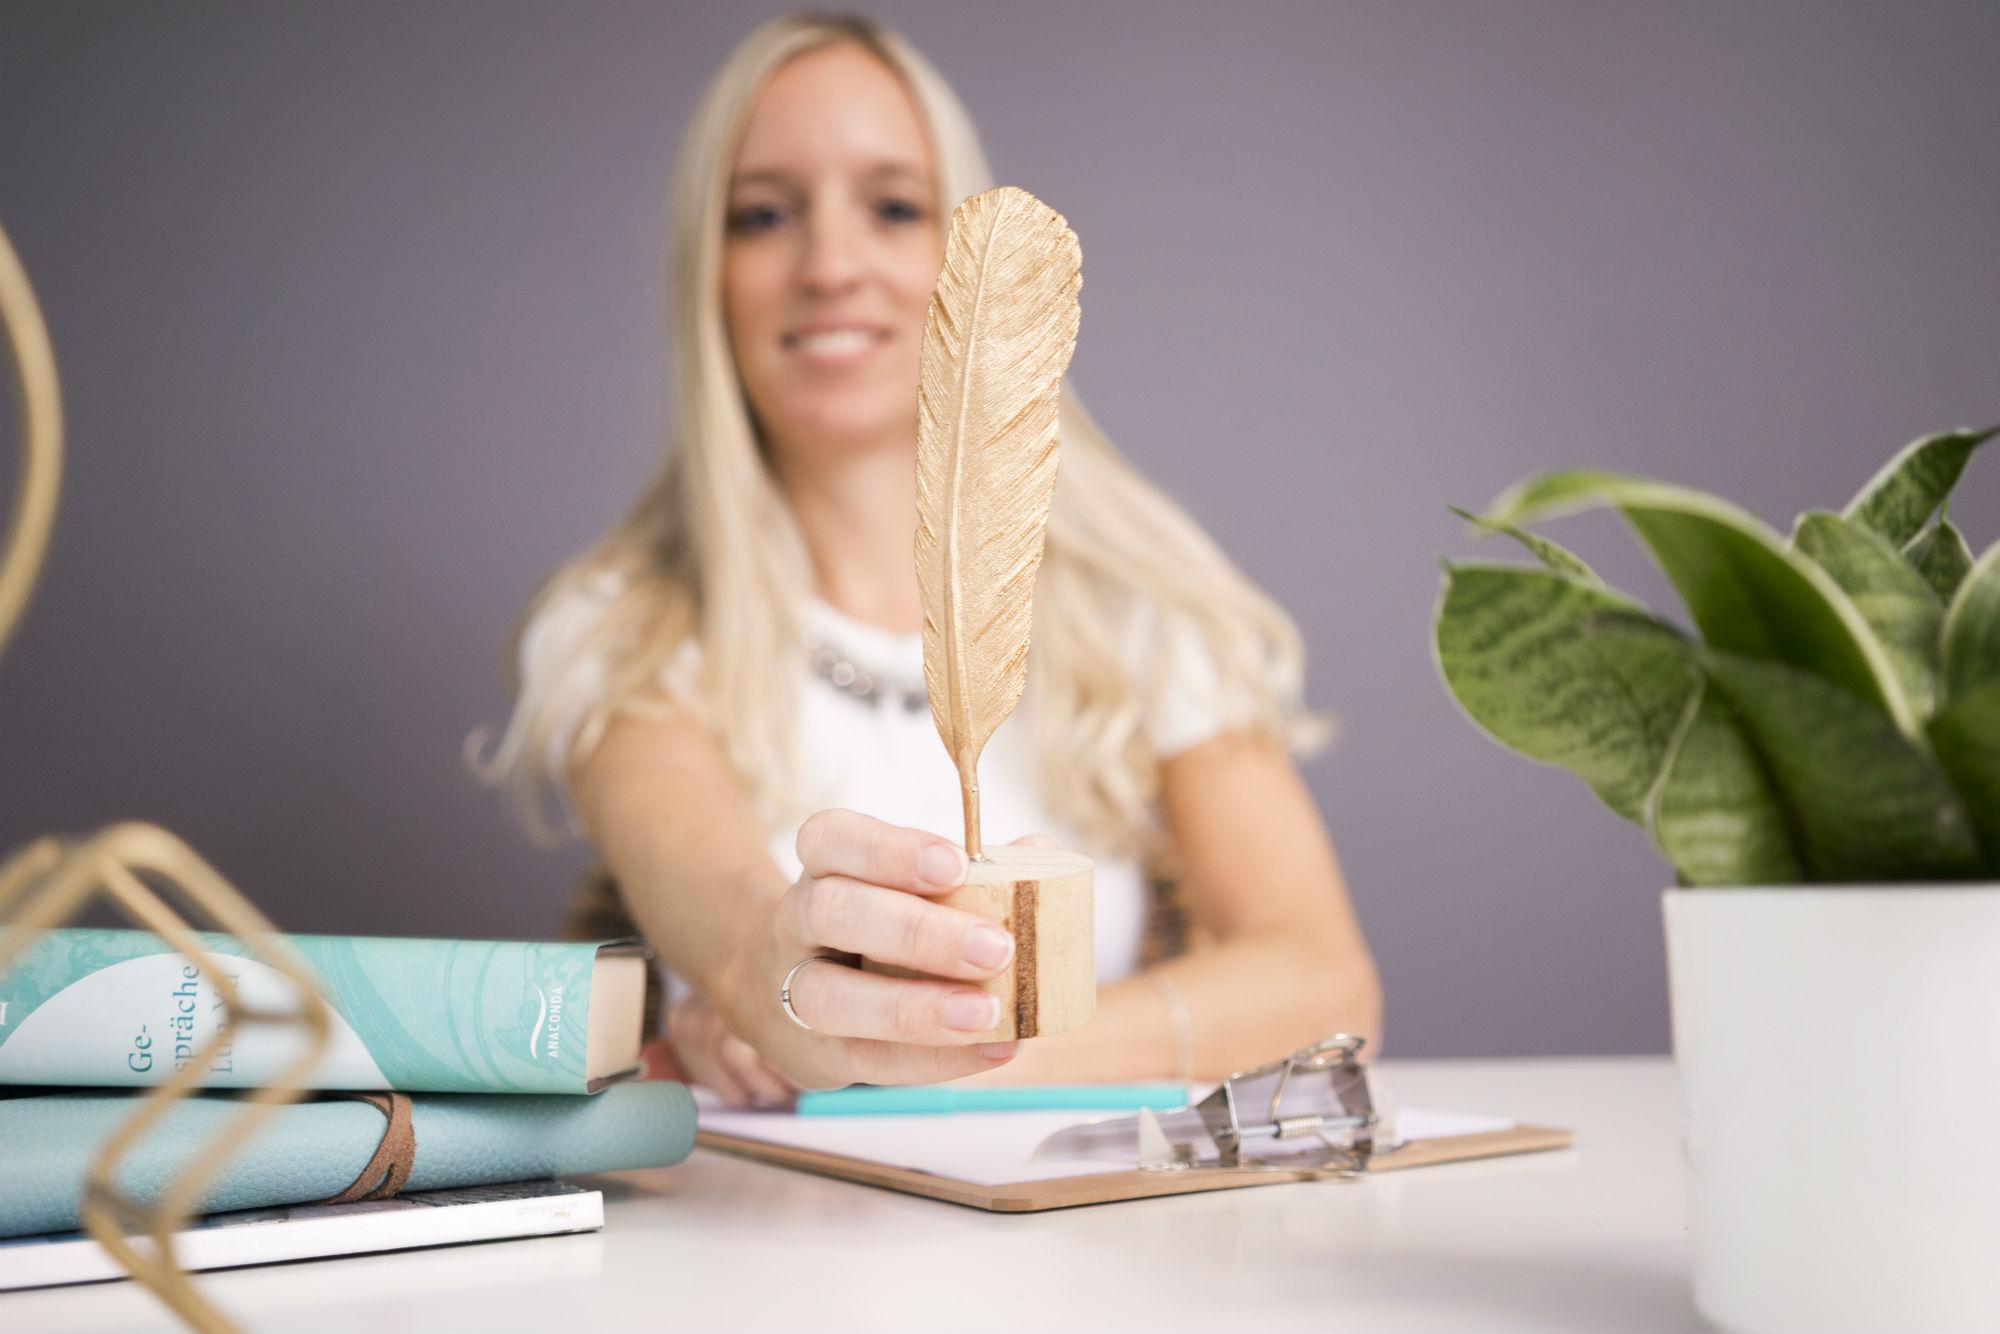 Frau mit Schreibfeder in der Hand